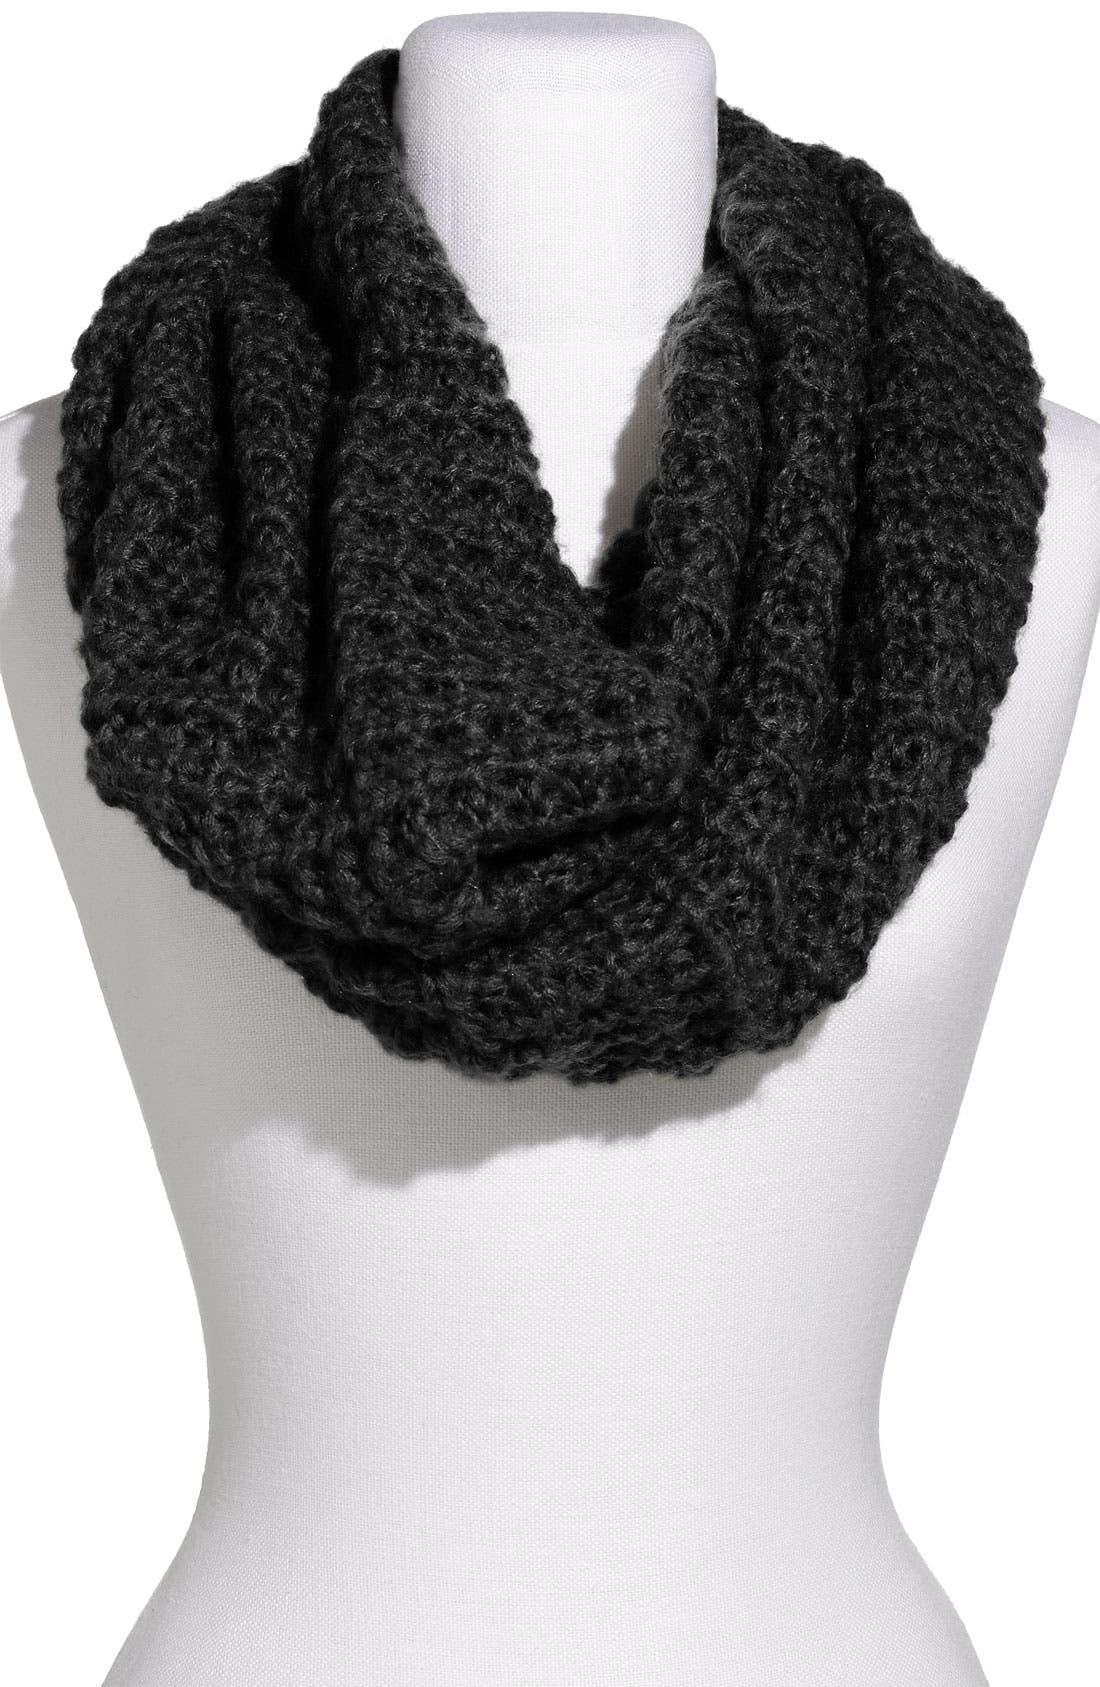 Main Image - Frenchi® Waffle Knit Infinity Scarf